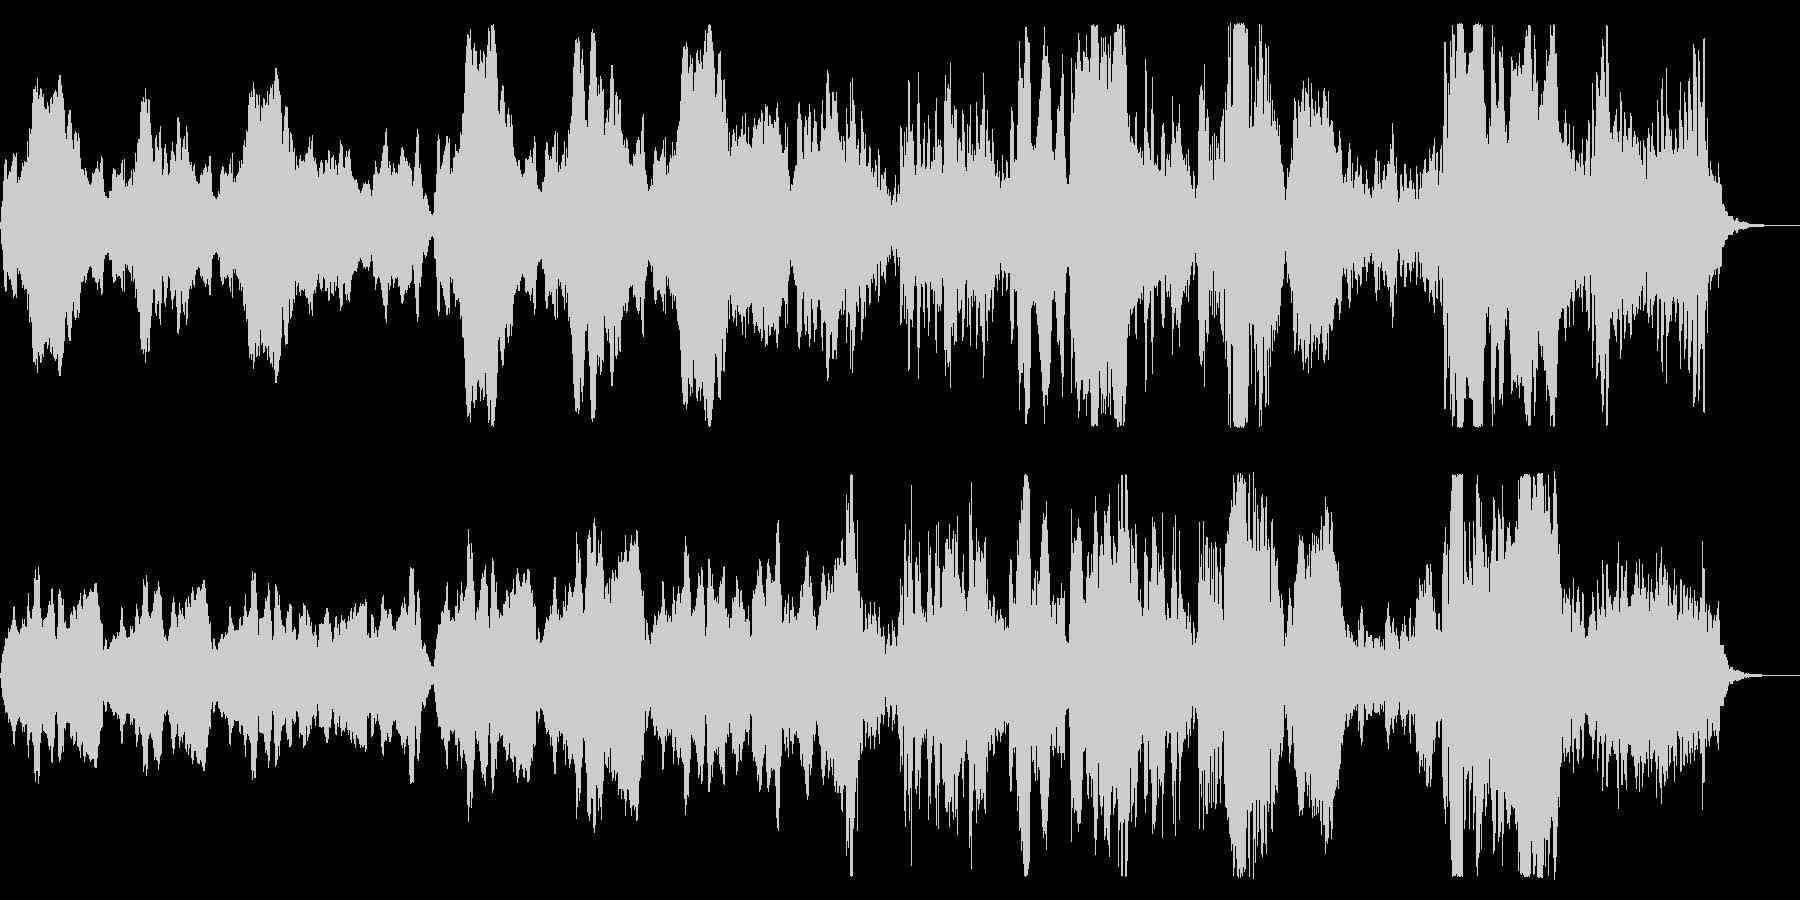 フルートを使った疾走感のあるオーケストラの未再生の波形